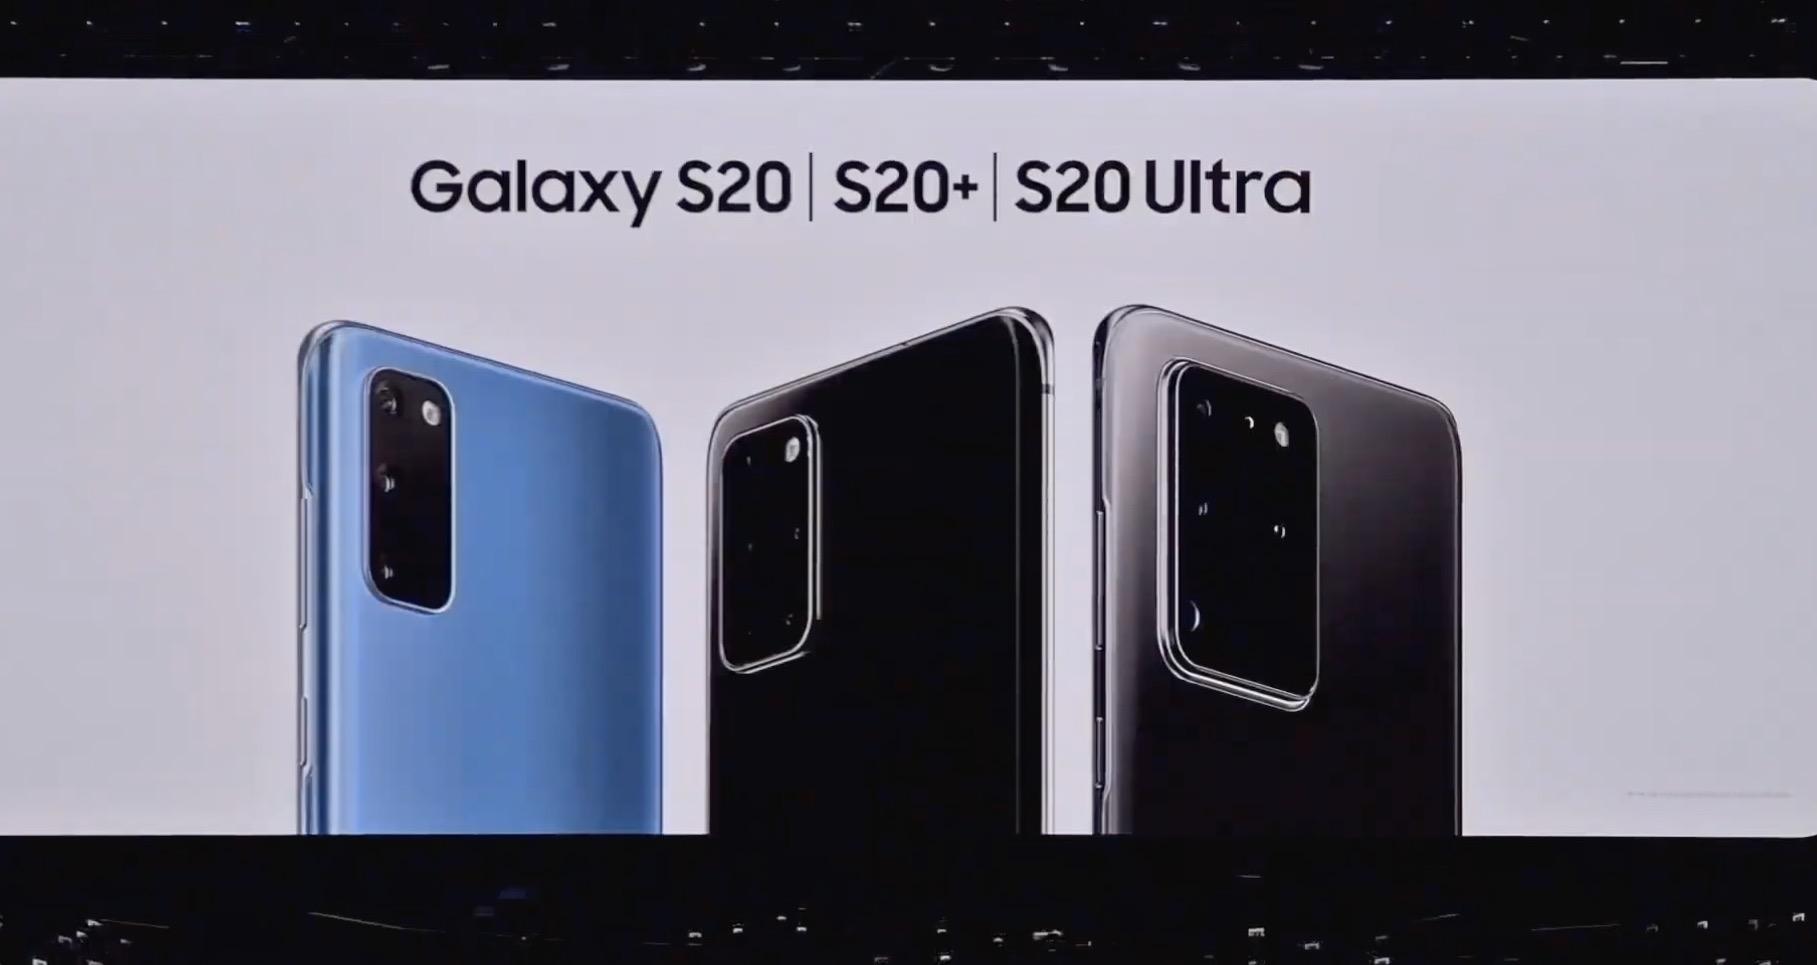 Galaxy S20 và S20+ chính thức: Snapdragon 865/ Exynos 990, RAM 8/12GB, camera Super Resolution Zoom 30x, giá từ 21 triệu